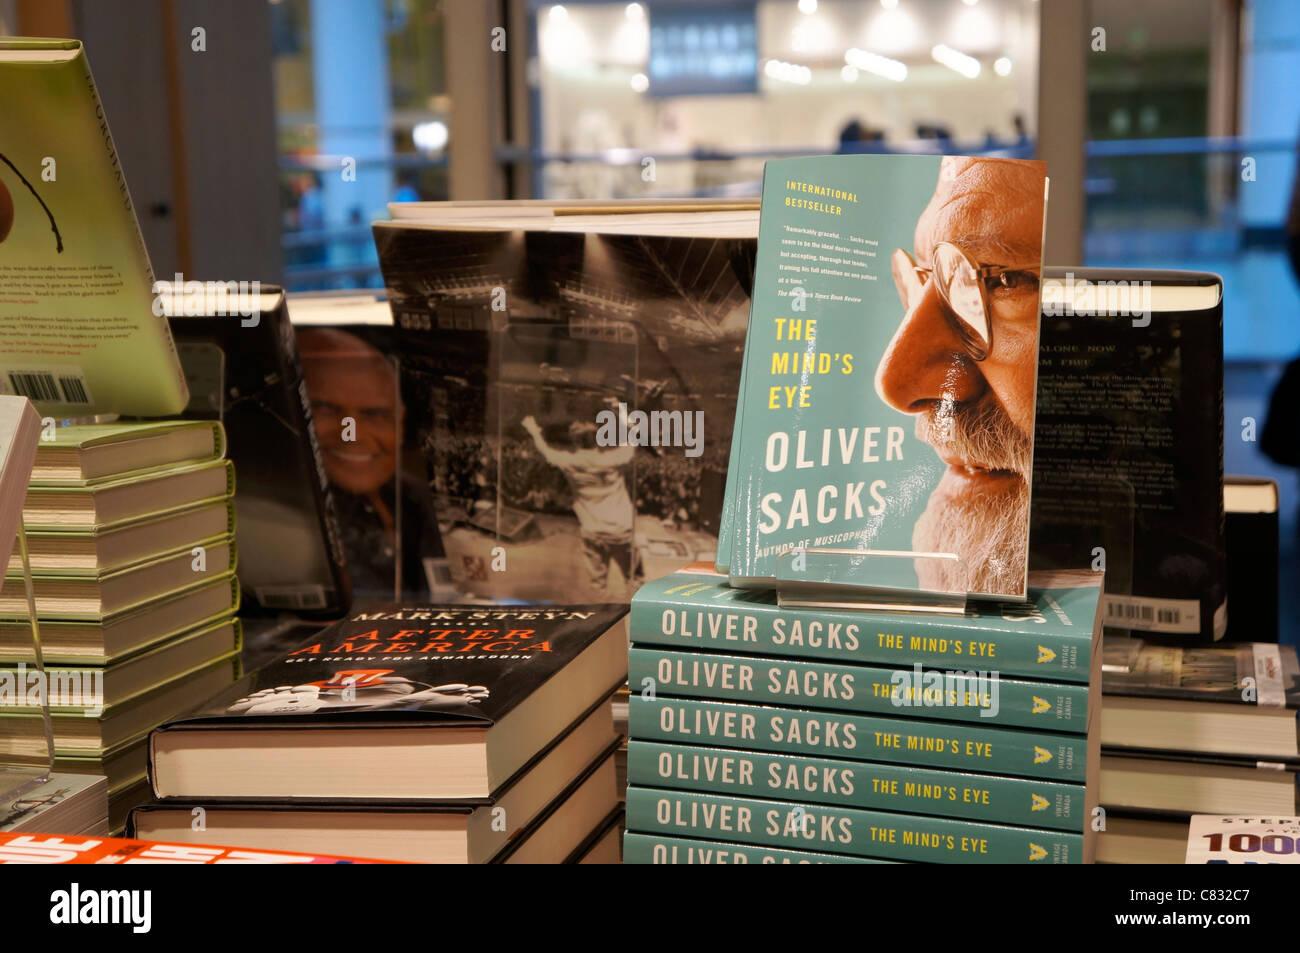 Livres sur table, sur l'affichage à l'bookstore Banque D'Images